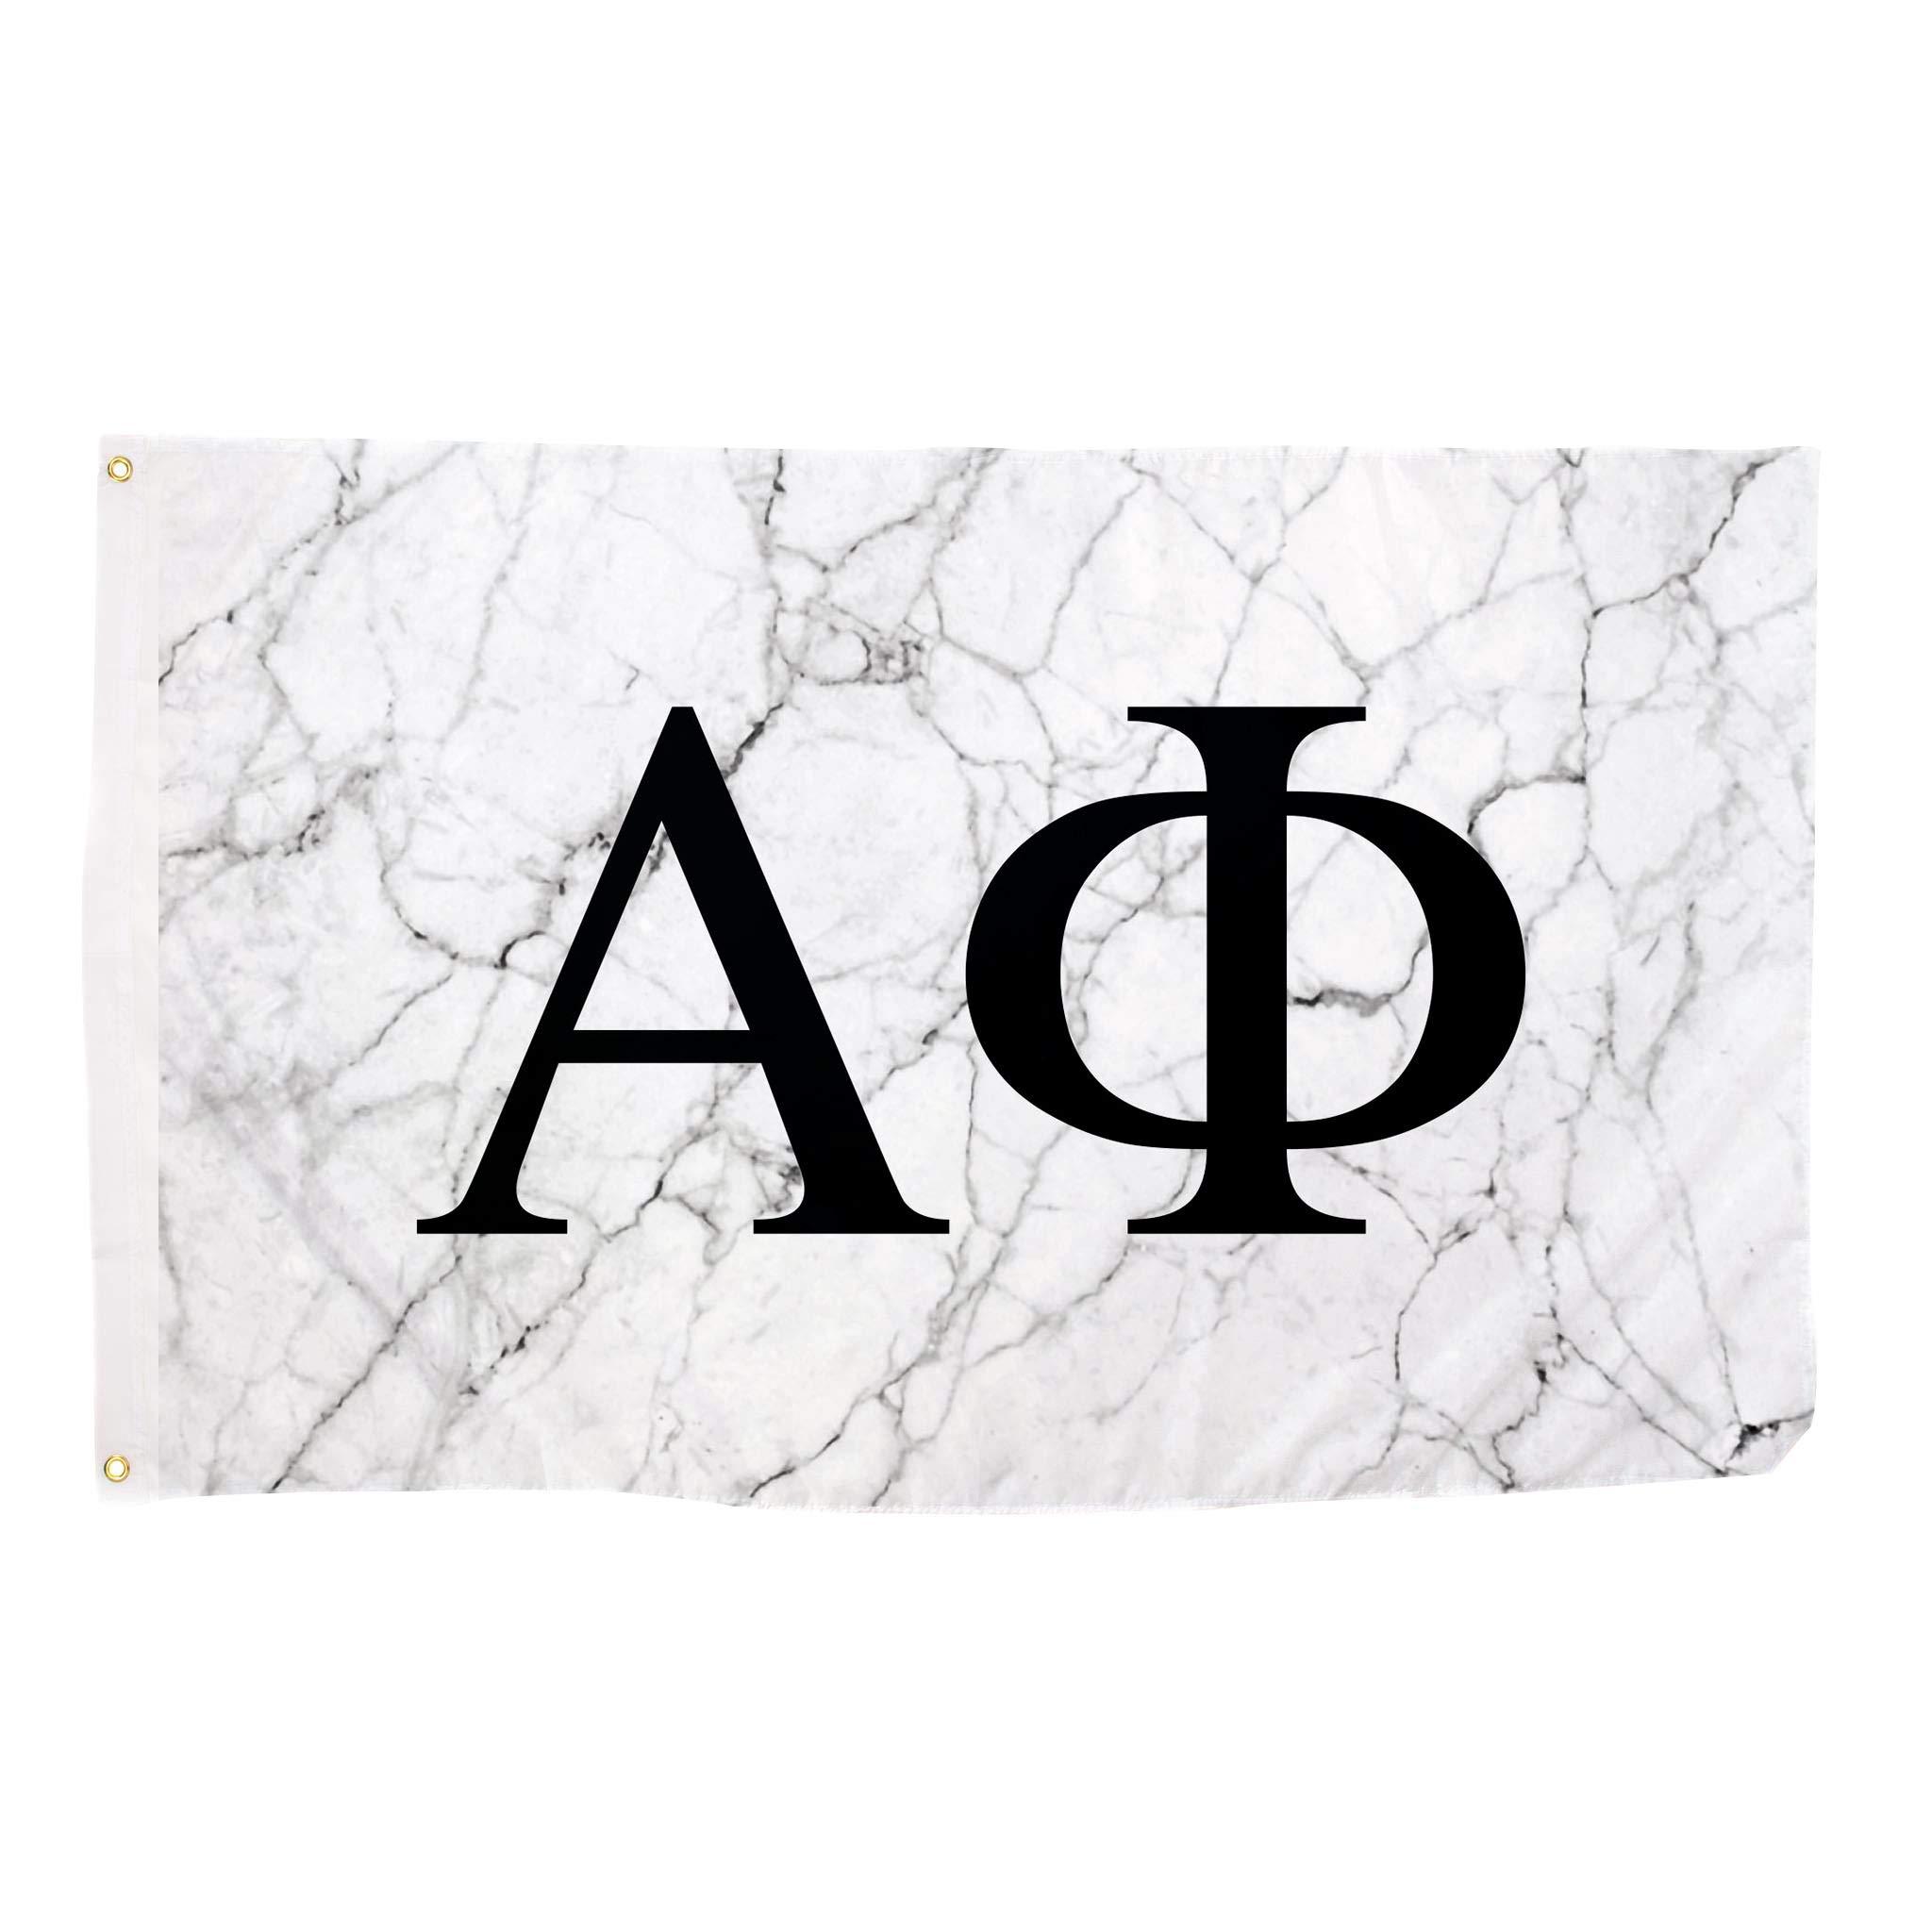 Alpha Phi Light Marble Sorority Letter Flag Banner 3 x 5 Sign Decor A Phi